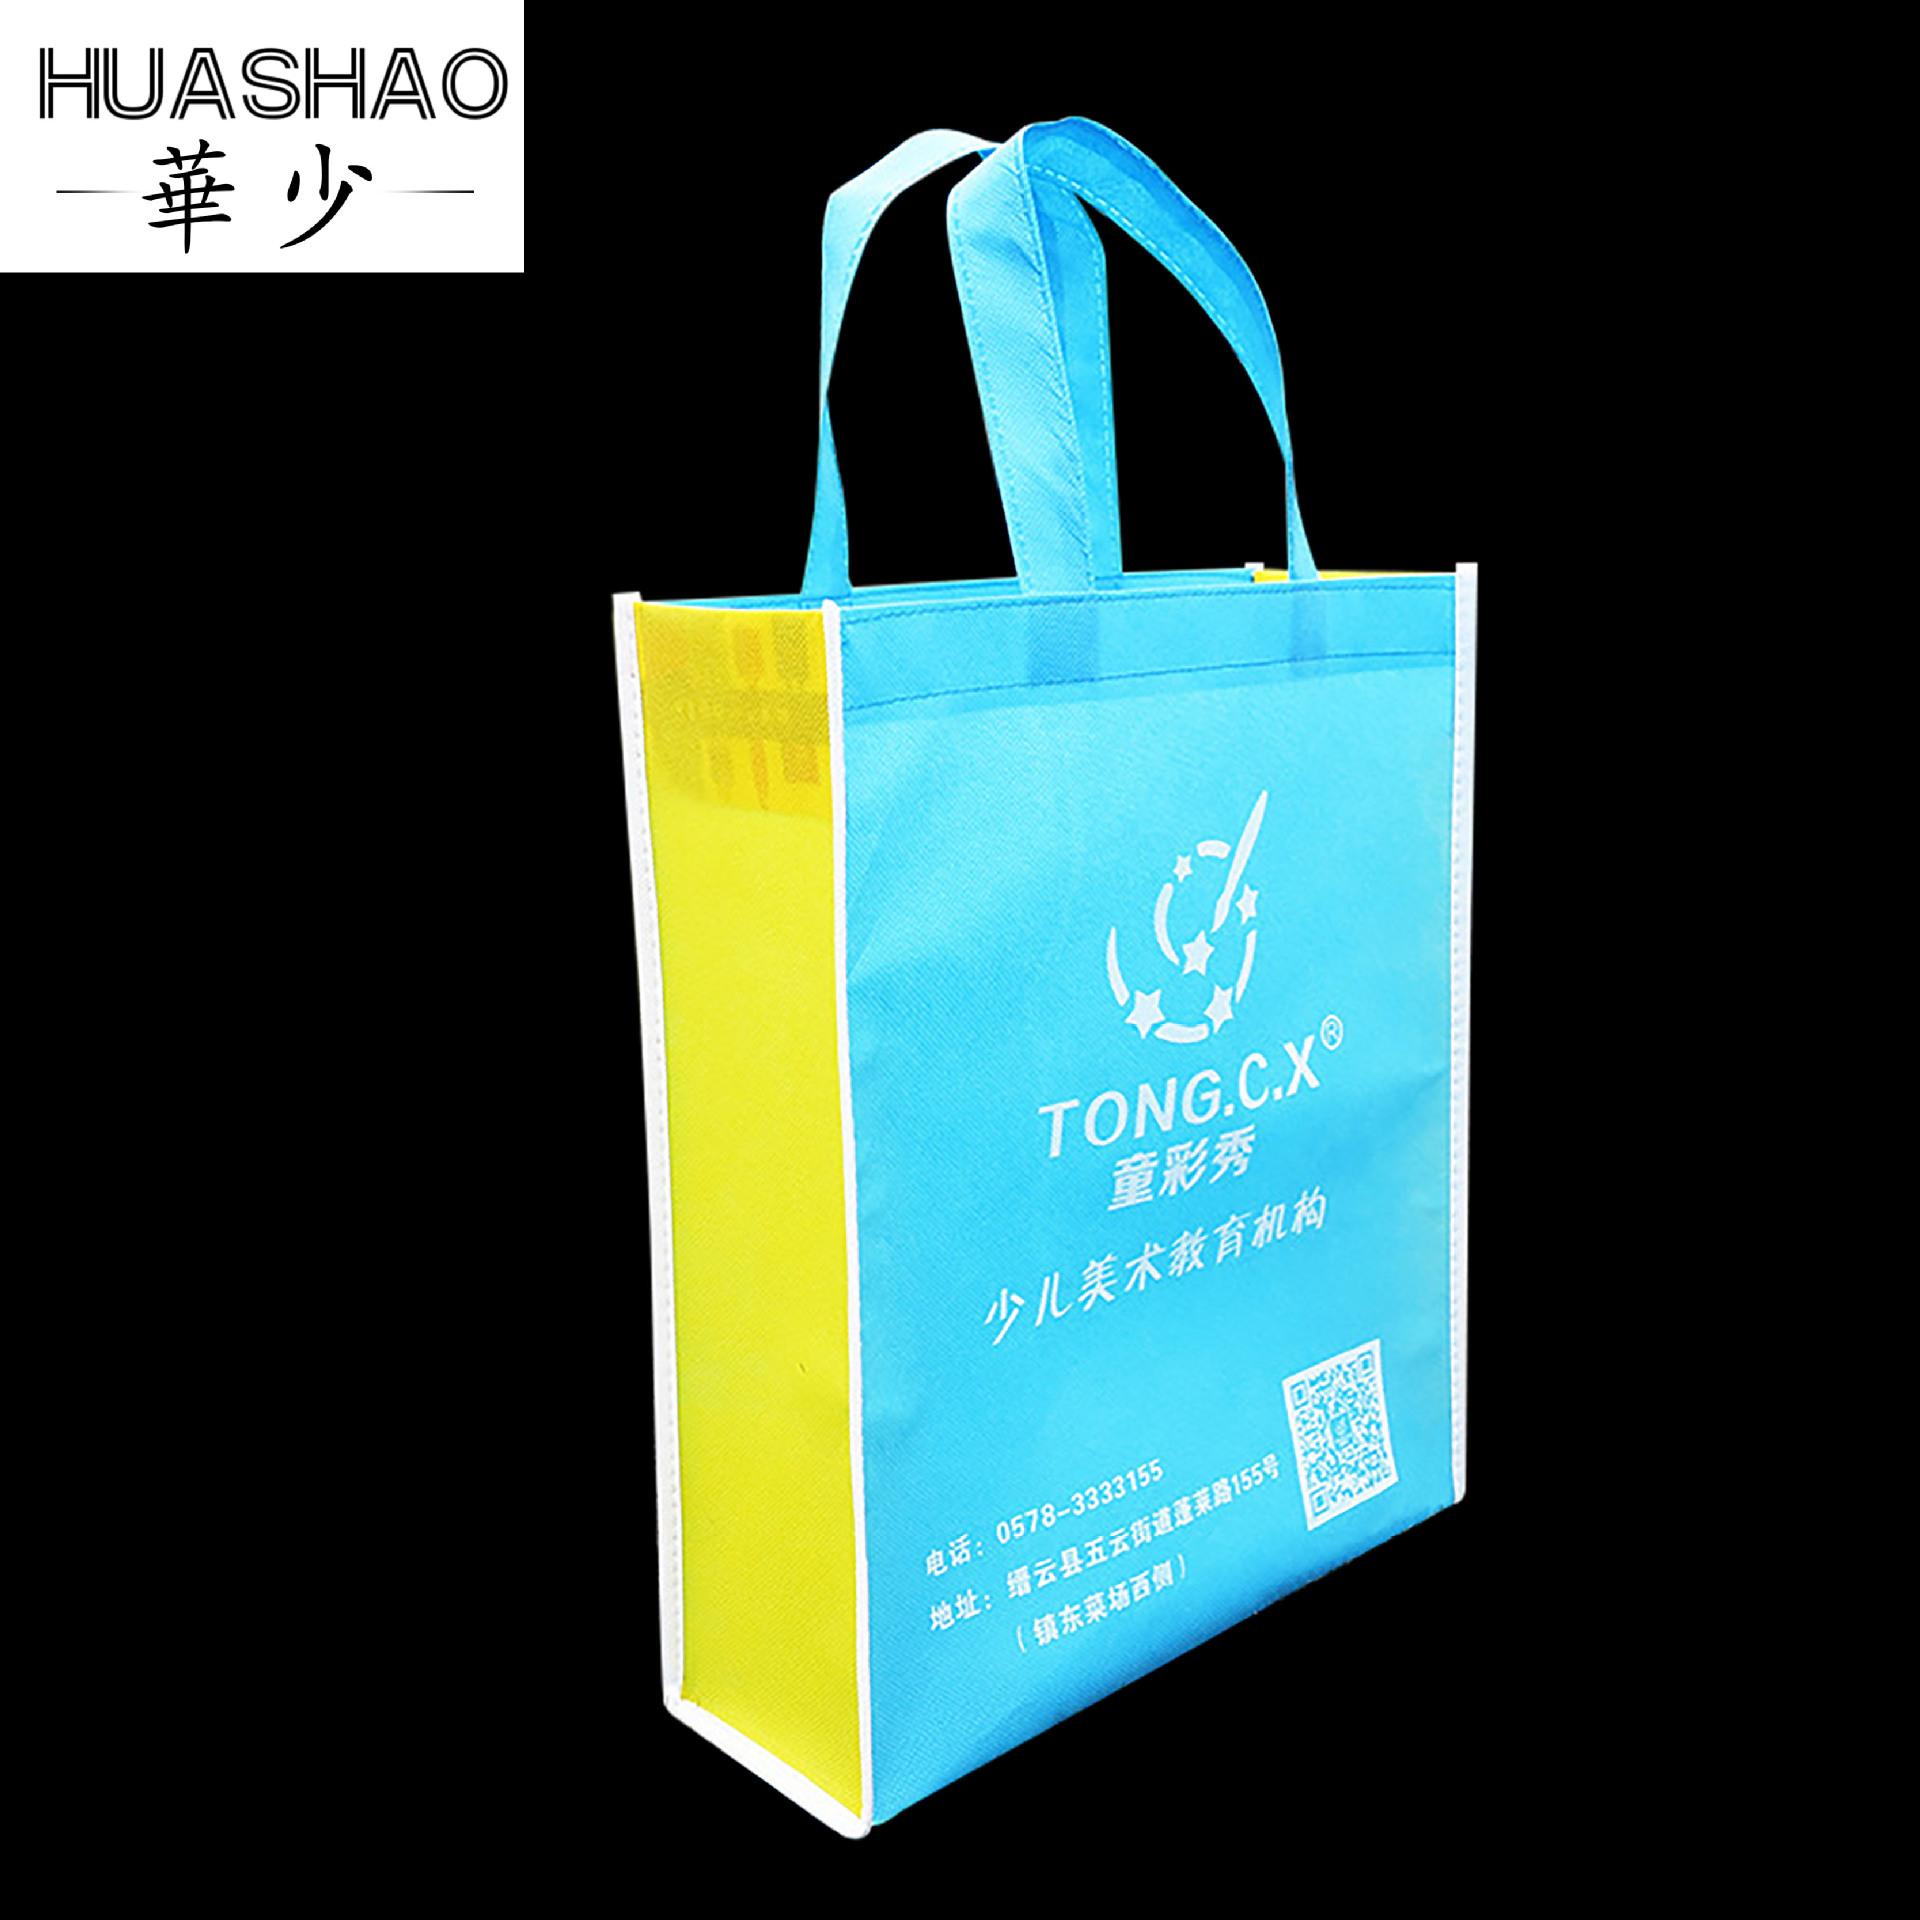 HUASHAO Túi vải không dệt Các nhà sản xuất tùy chỉnh túi xách không dệt in logo quần áo túi mua sắm